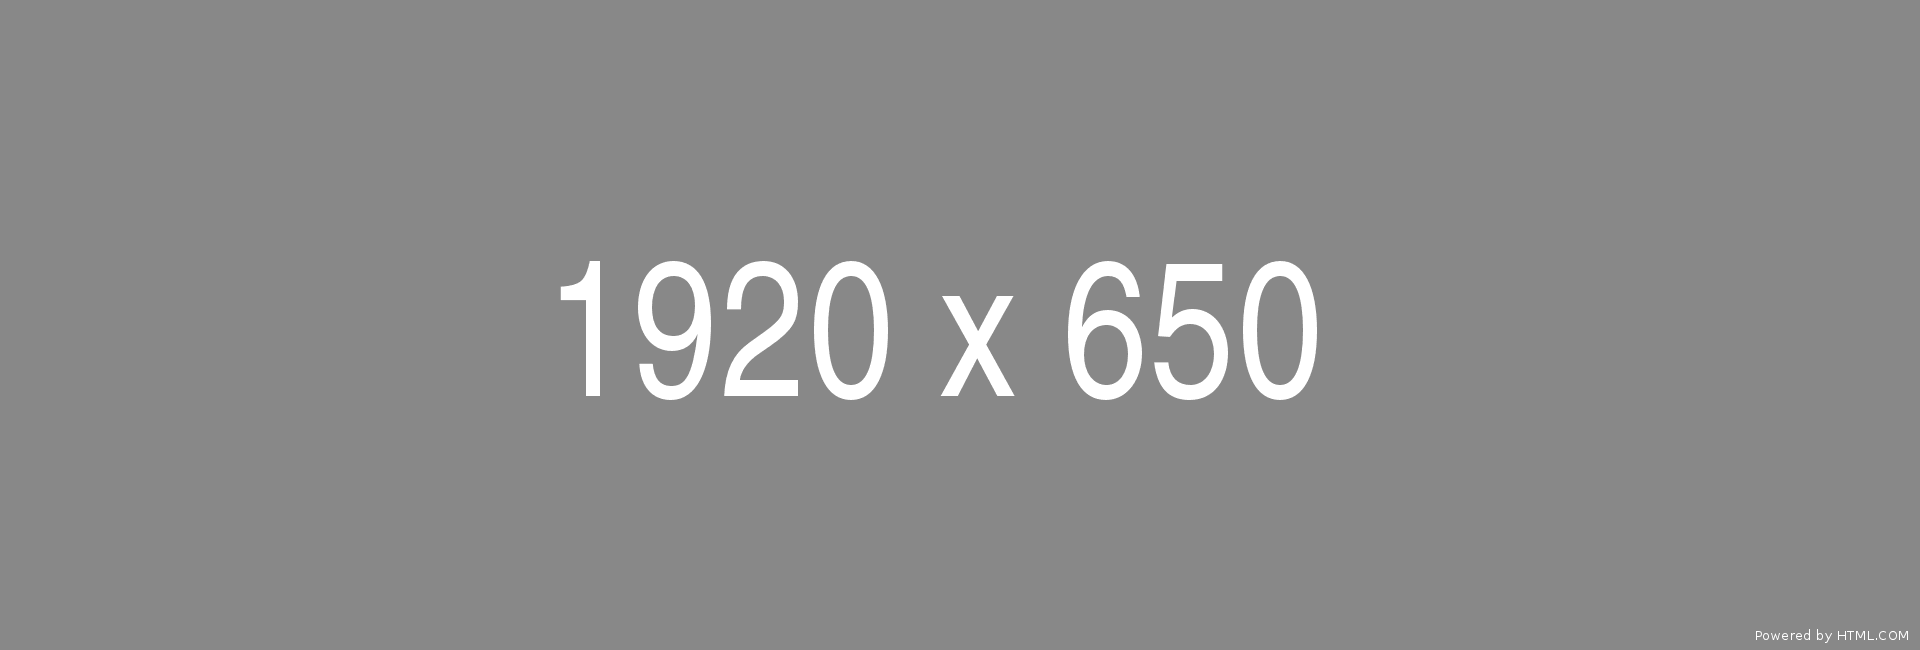 img-1920-650-darkcQofujQ5Uwlh0